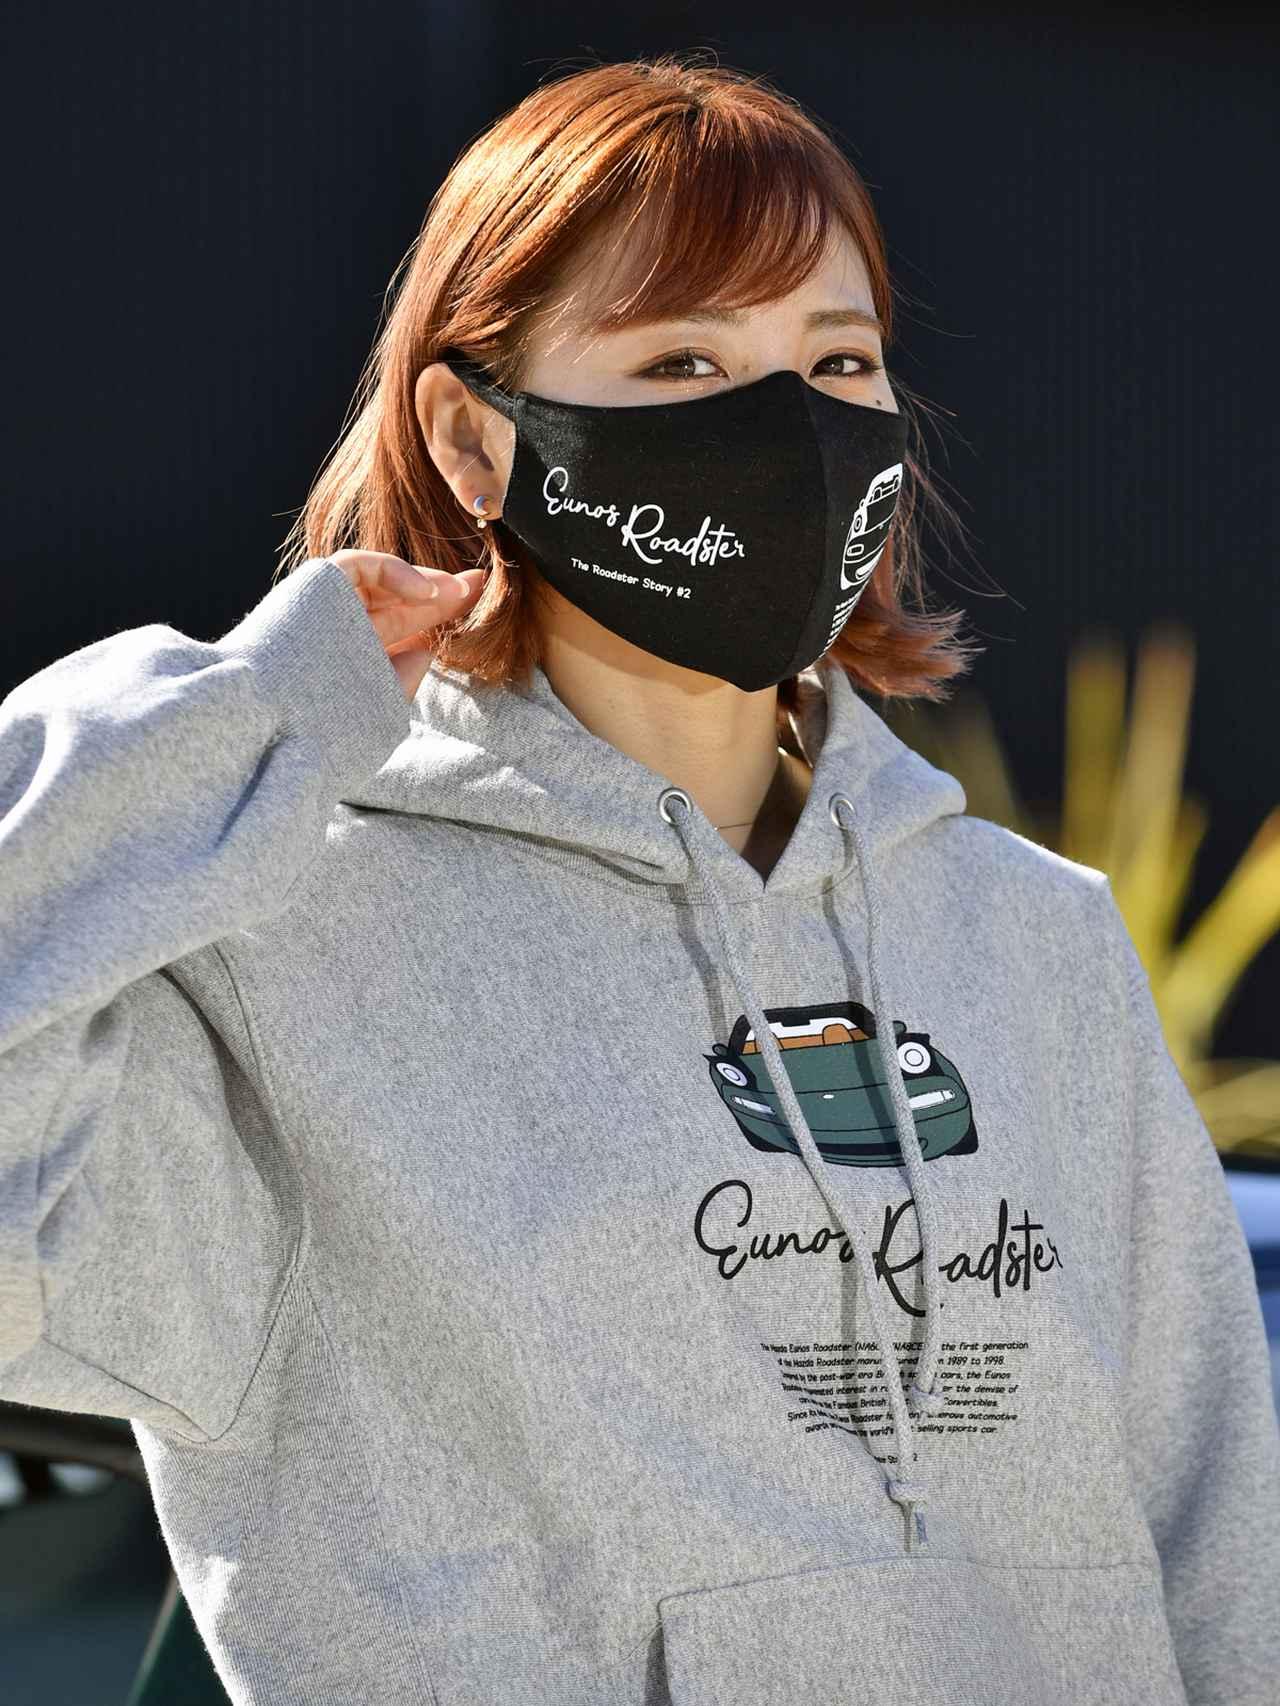 画像: 抗菌防臭加工済みの綿100%で、カラーはホワイトとブラック。ウイルスを遮断する性能はないので、市販のマスクの上に着用すること。価格は1000円(税込)。